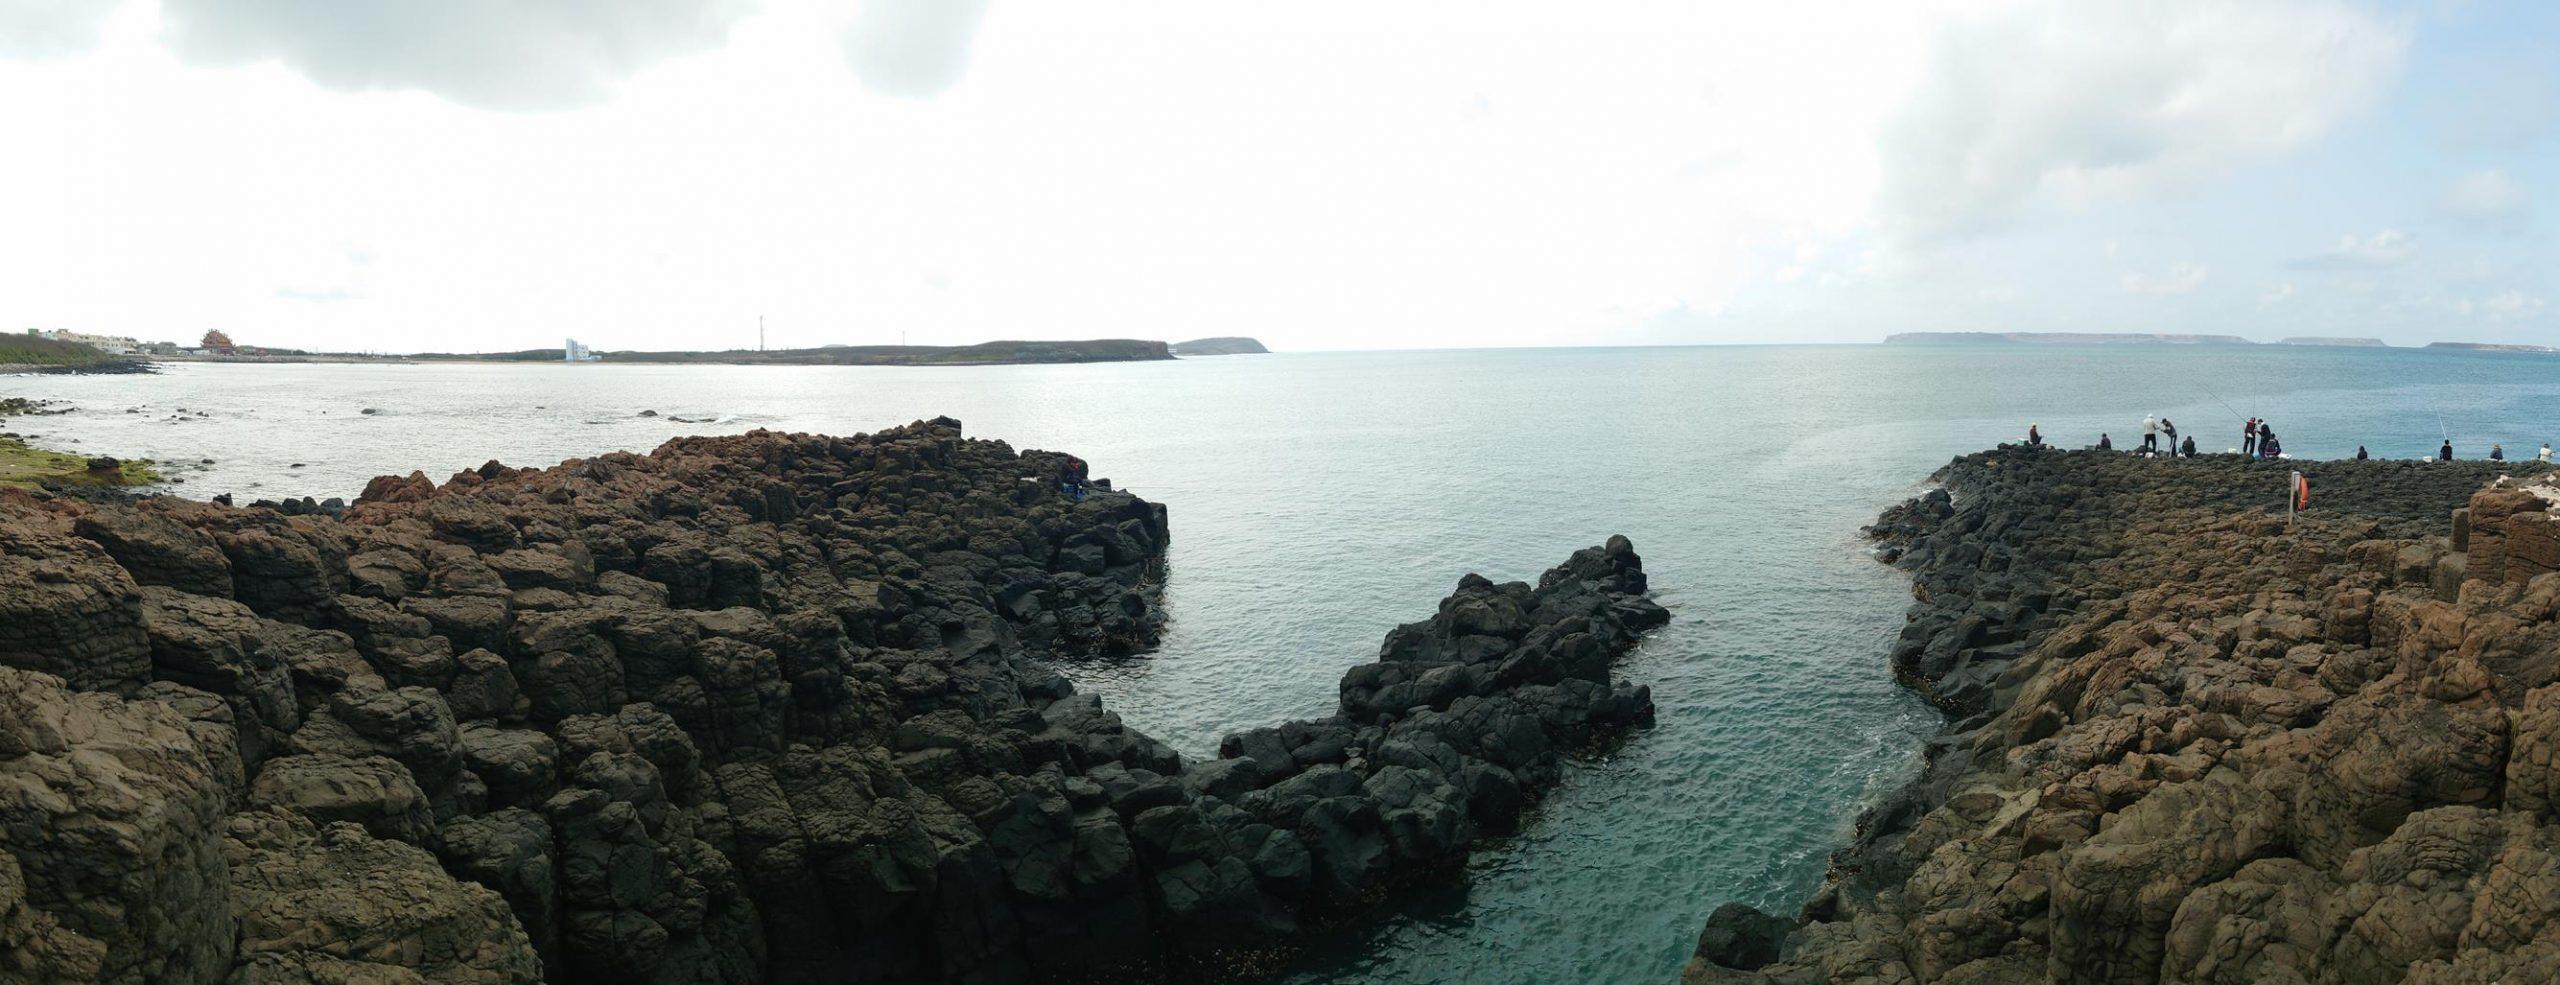 澎湖景點,澎湖旅遊,花火節,澎湖自由行,澎湖